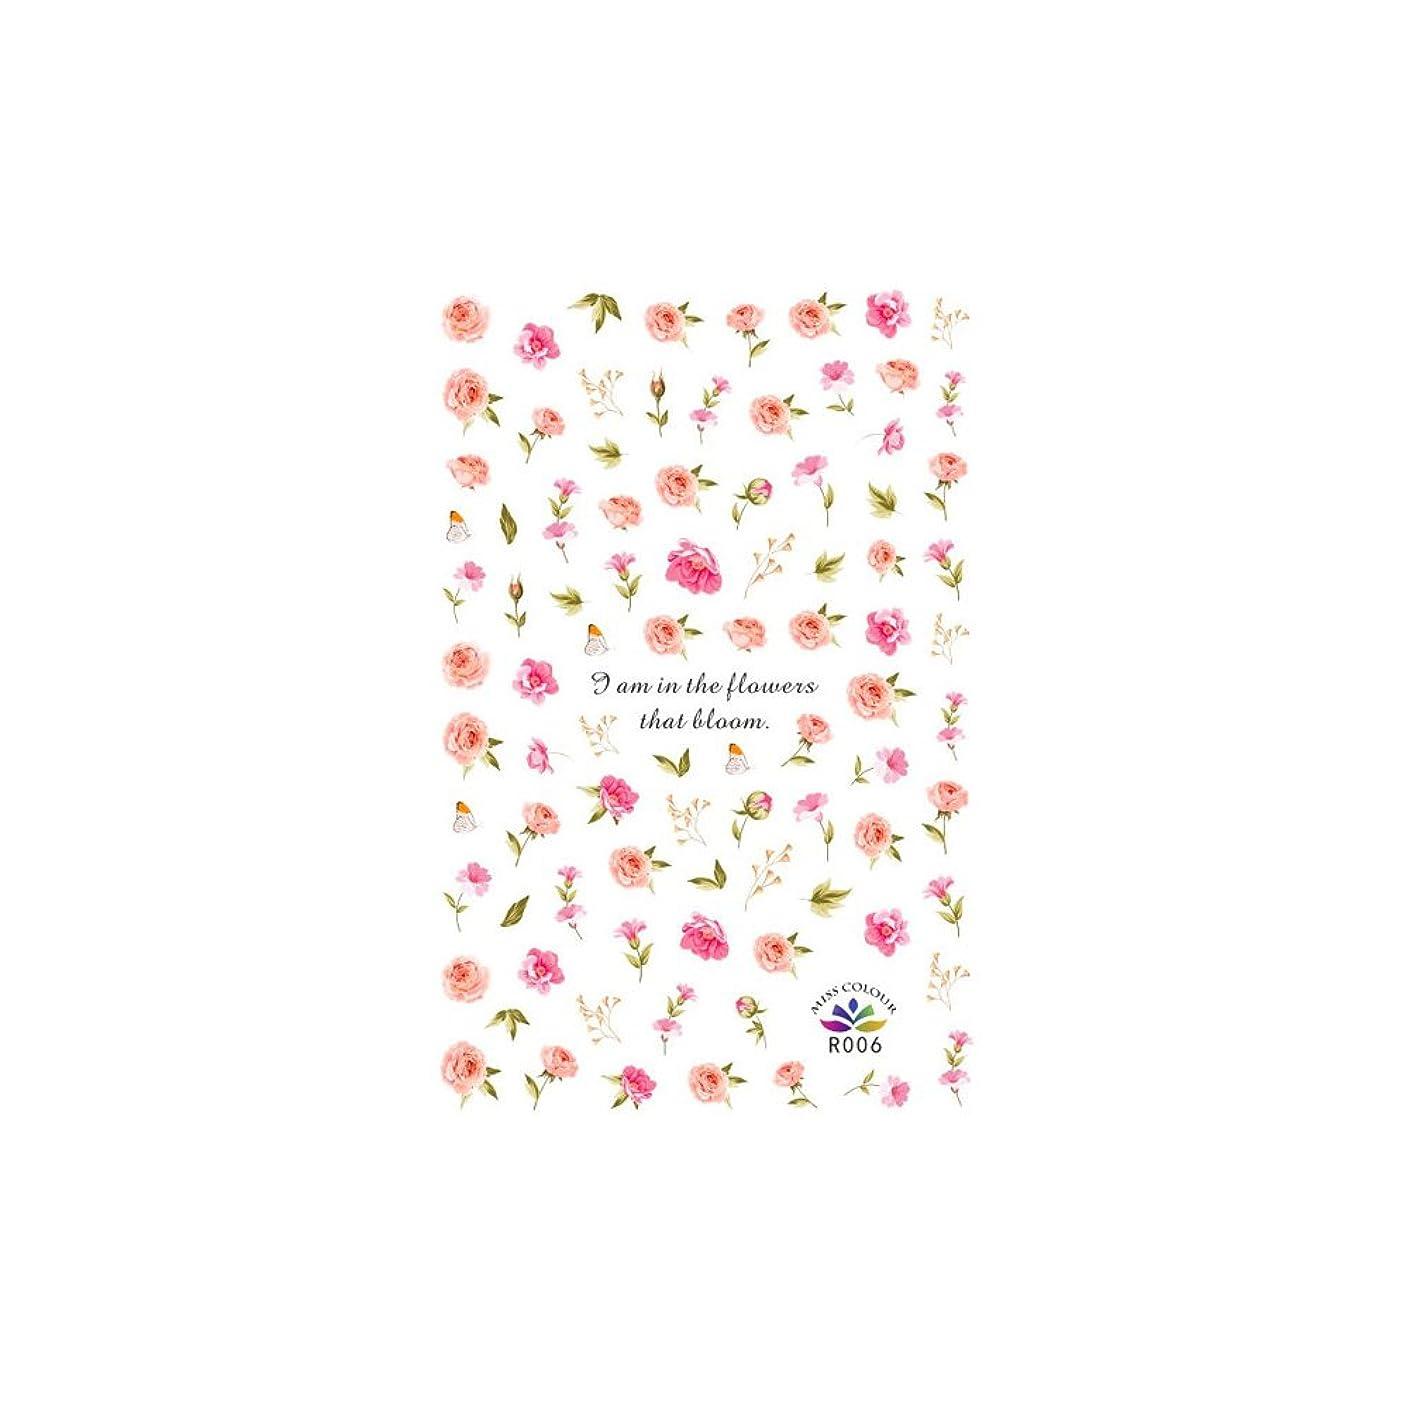 見捨てるオーストラリア人囚人ネイルシール アンティークローズシール ジェルネイル ネイルアート 花柄 花びら フラワーネイル 薔薇 セルフネイル